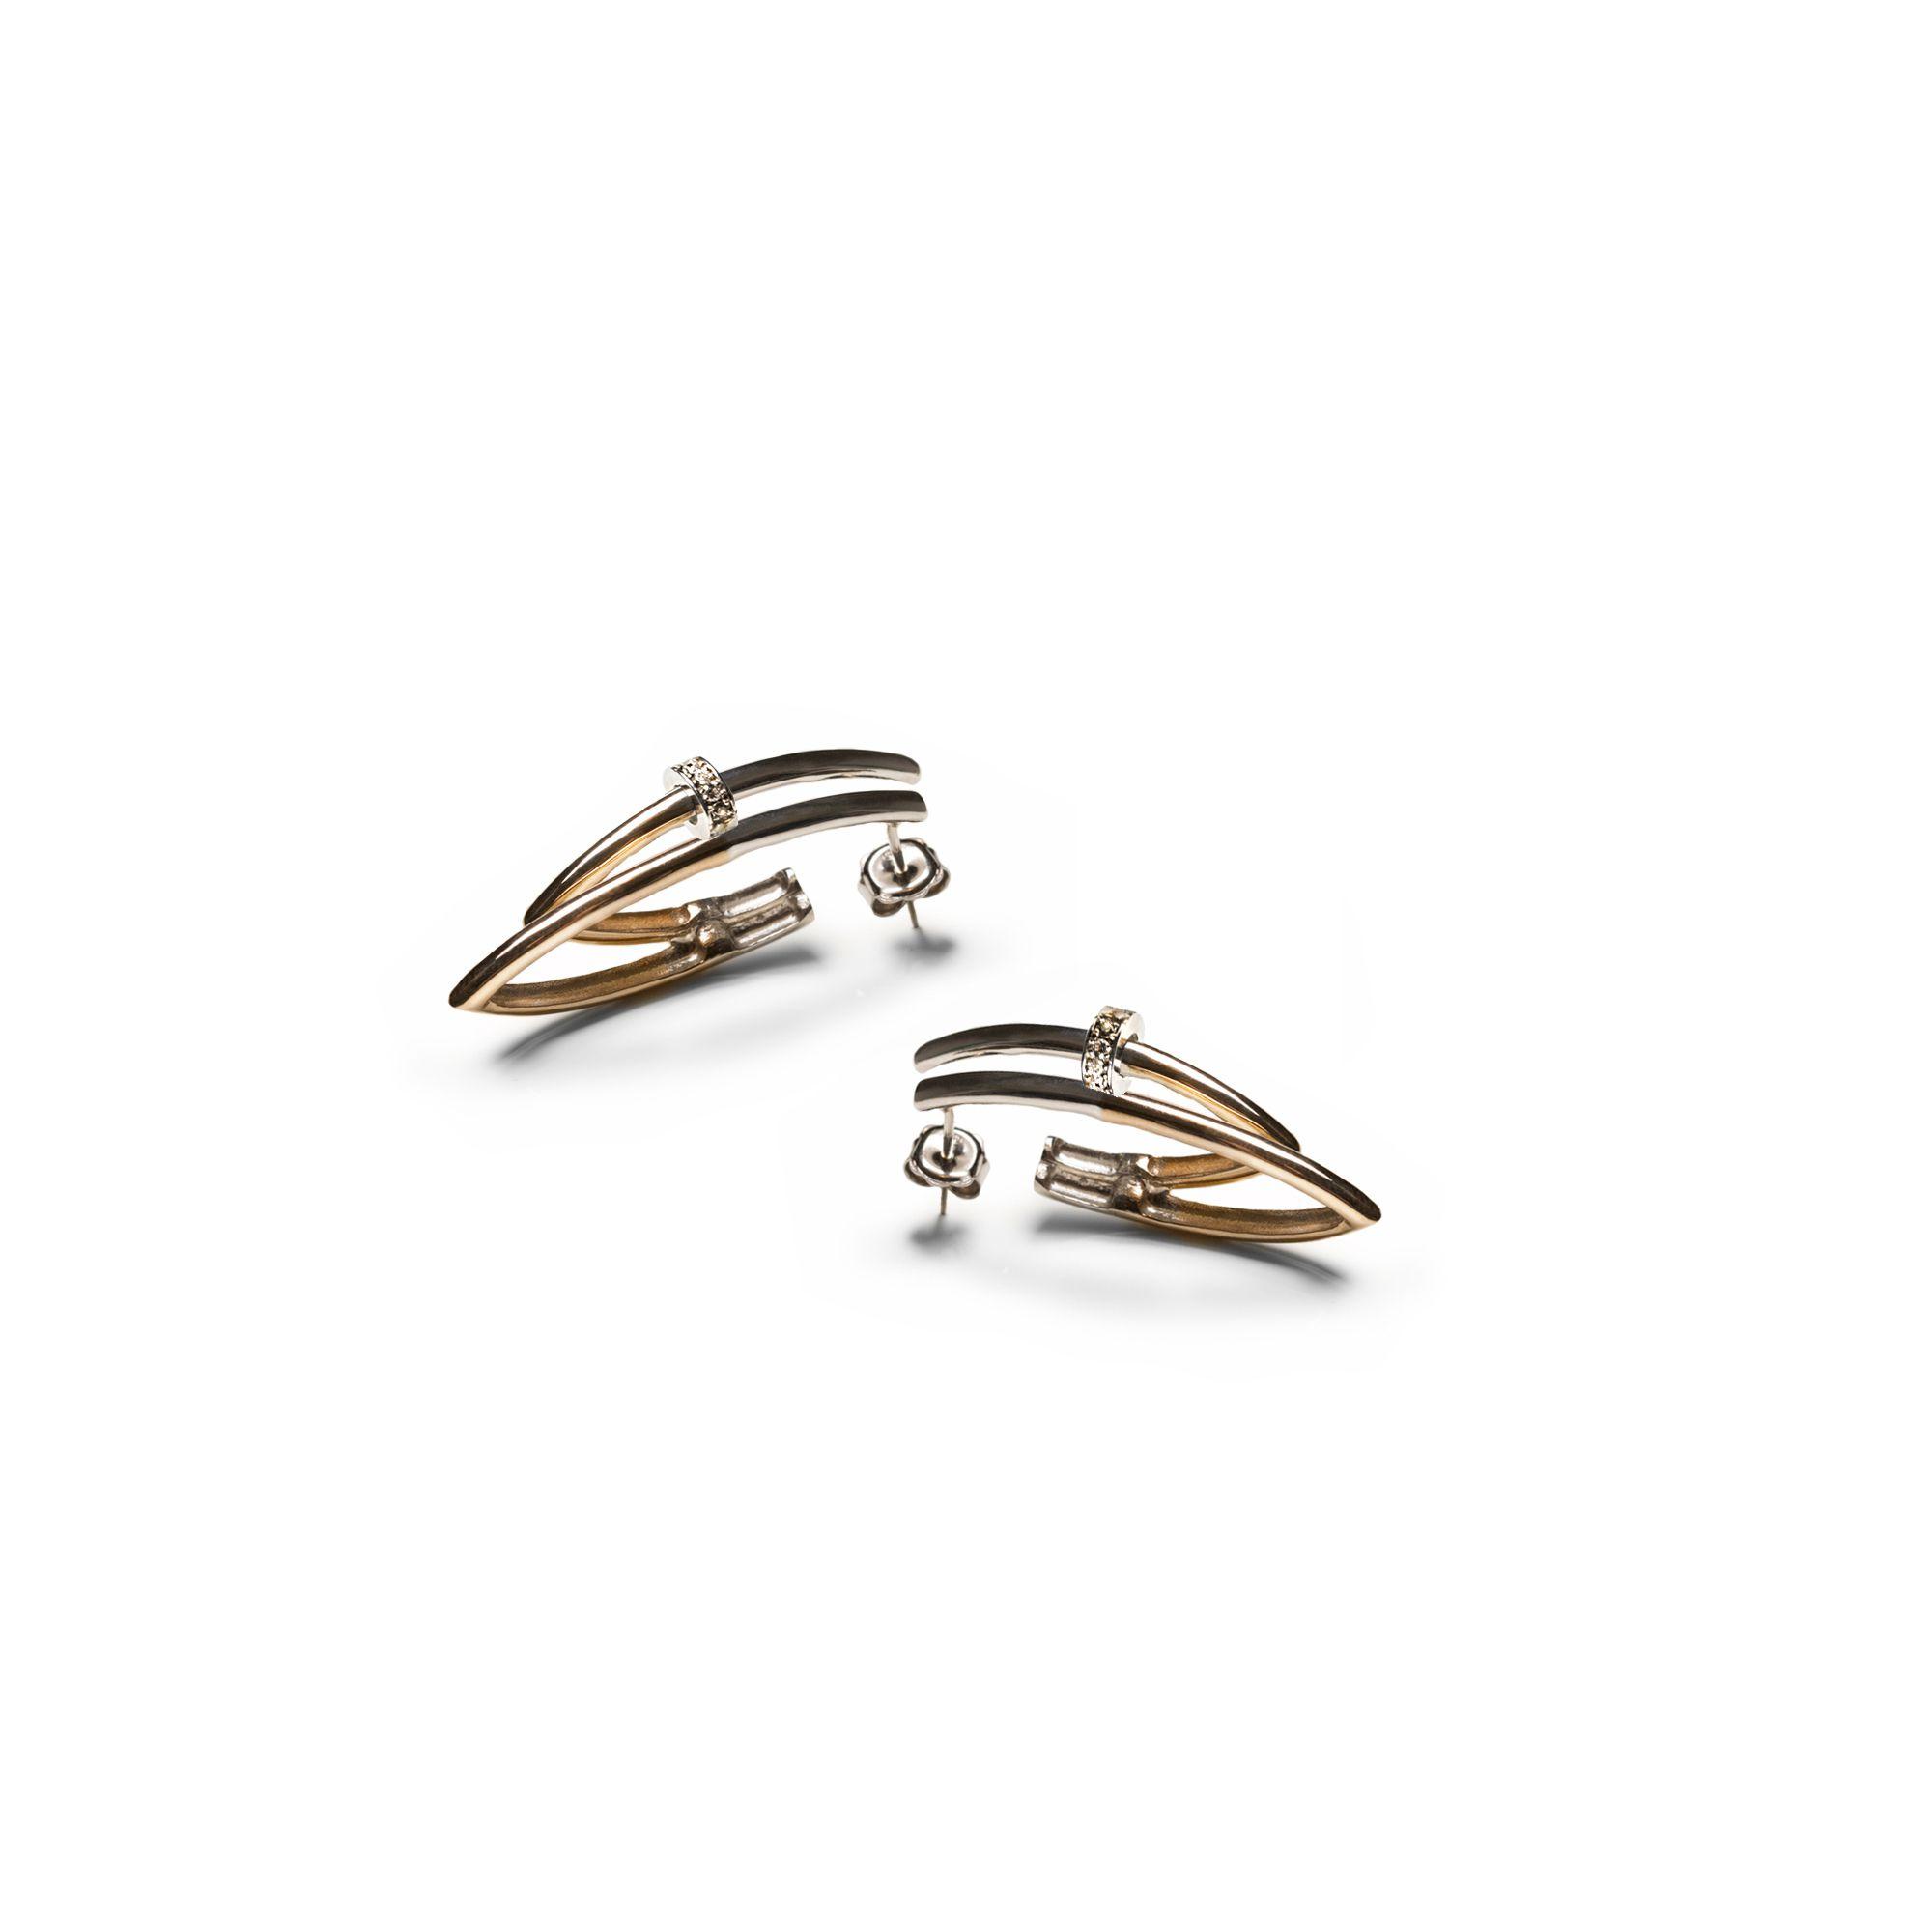 Orecchino 'Neon' angolo piccolo e bulloni Orecchino in argento e bronzo e zaffiri